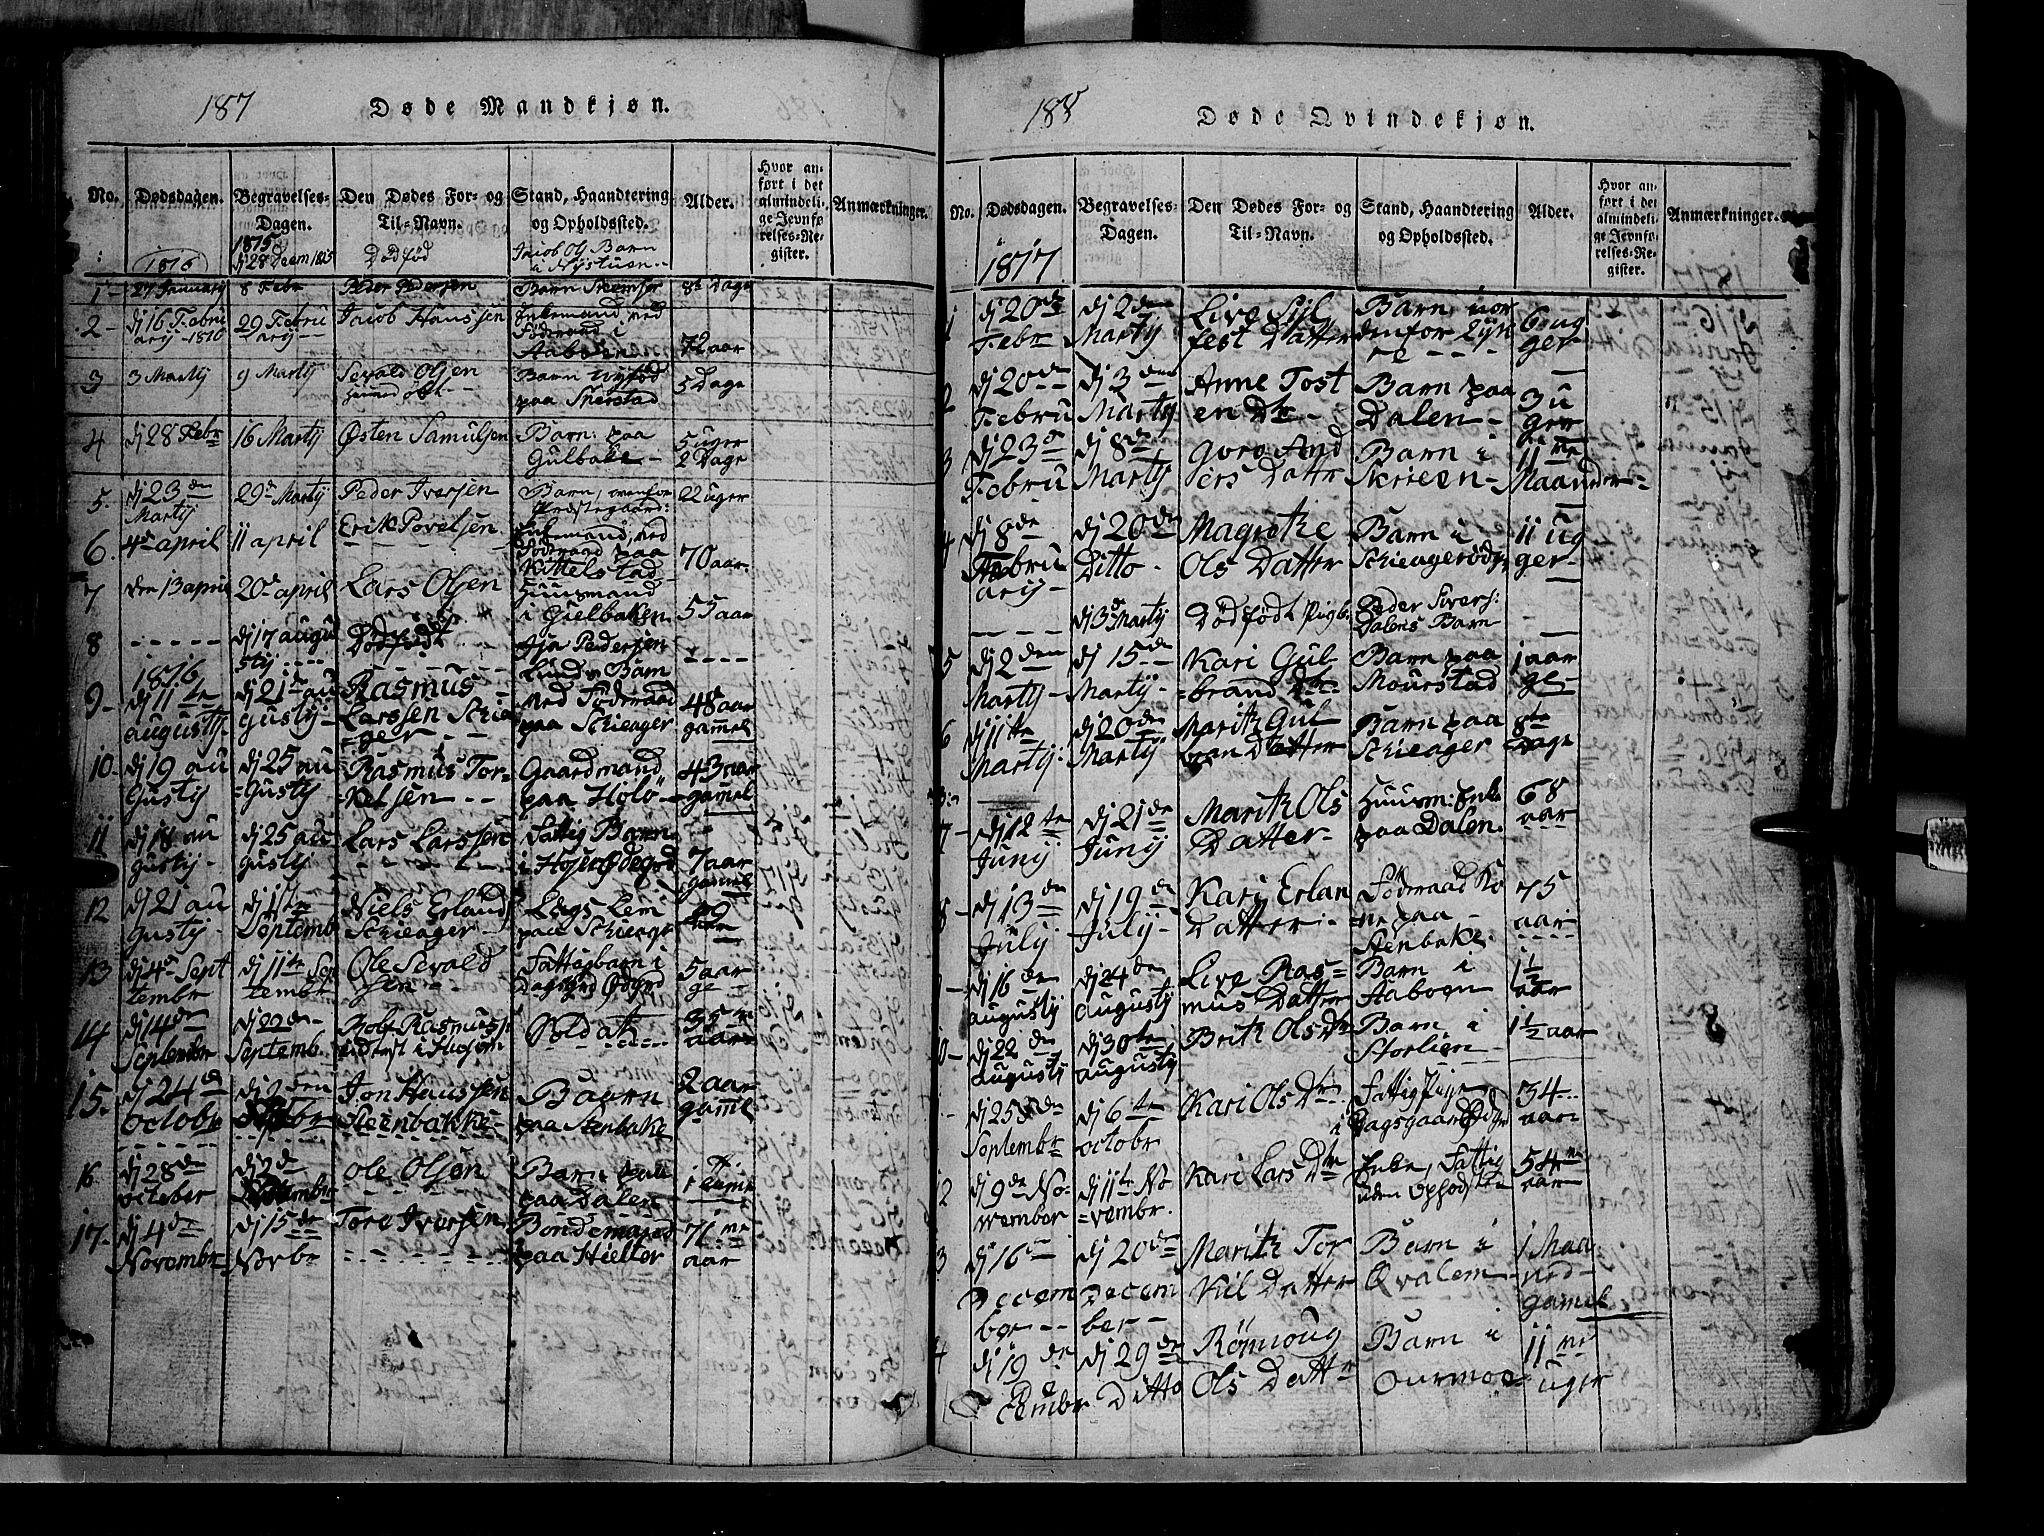 SAH, Lom prestekontor, L/L0003: Klokkerbok nr. 3, 1815-1844, s. 187-188